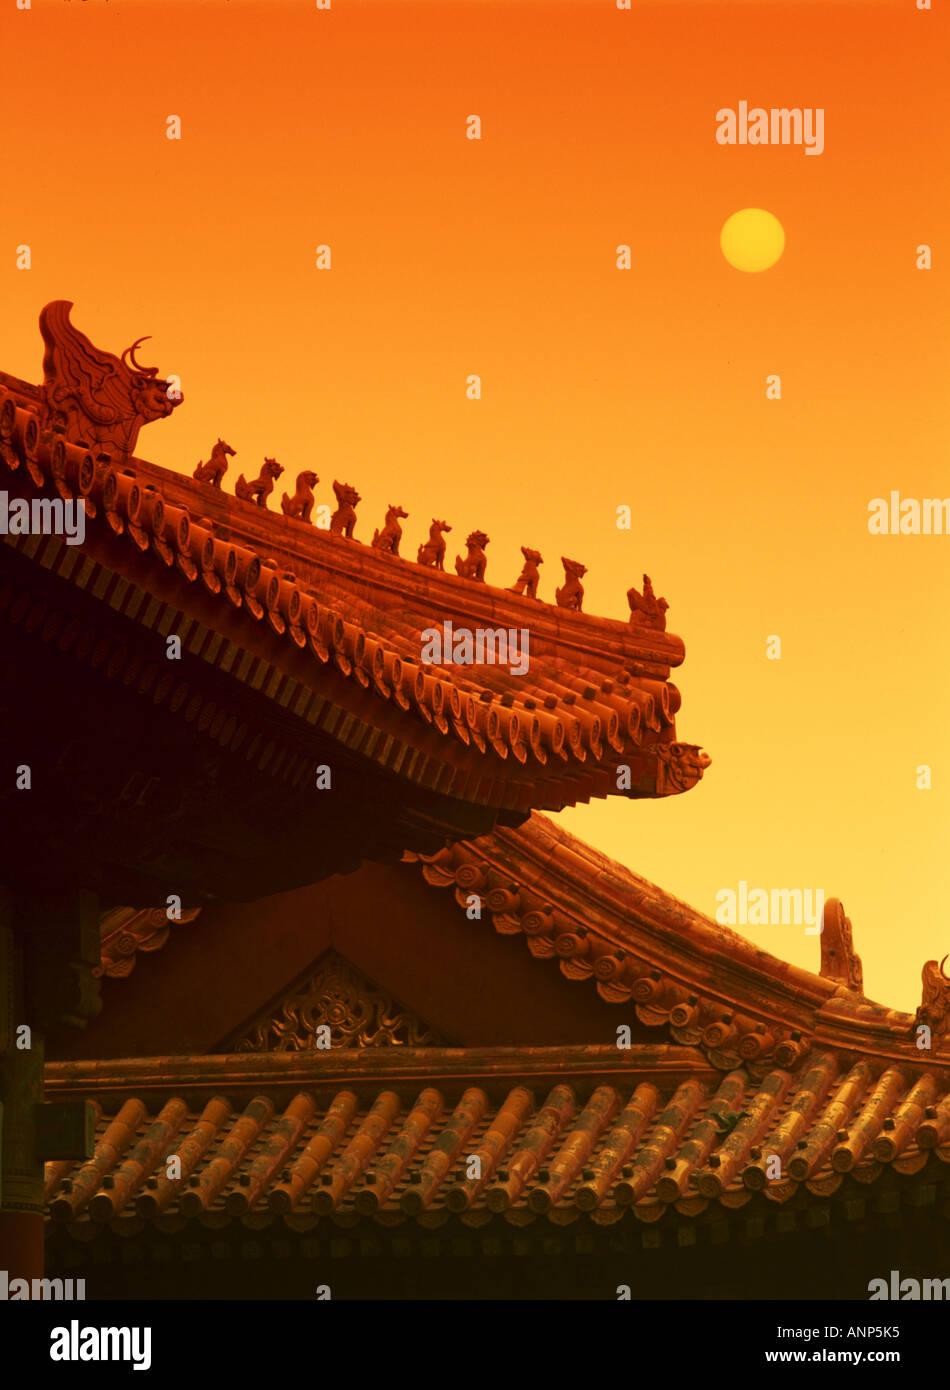 Basso angolo vista del tetto di un tempio cinese Foto Stock